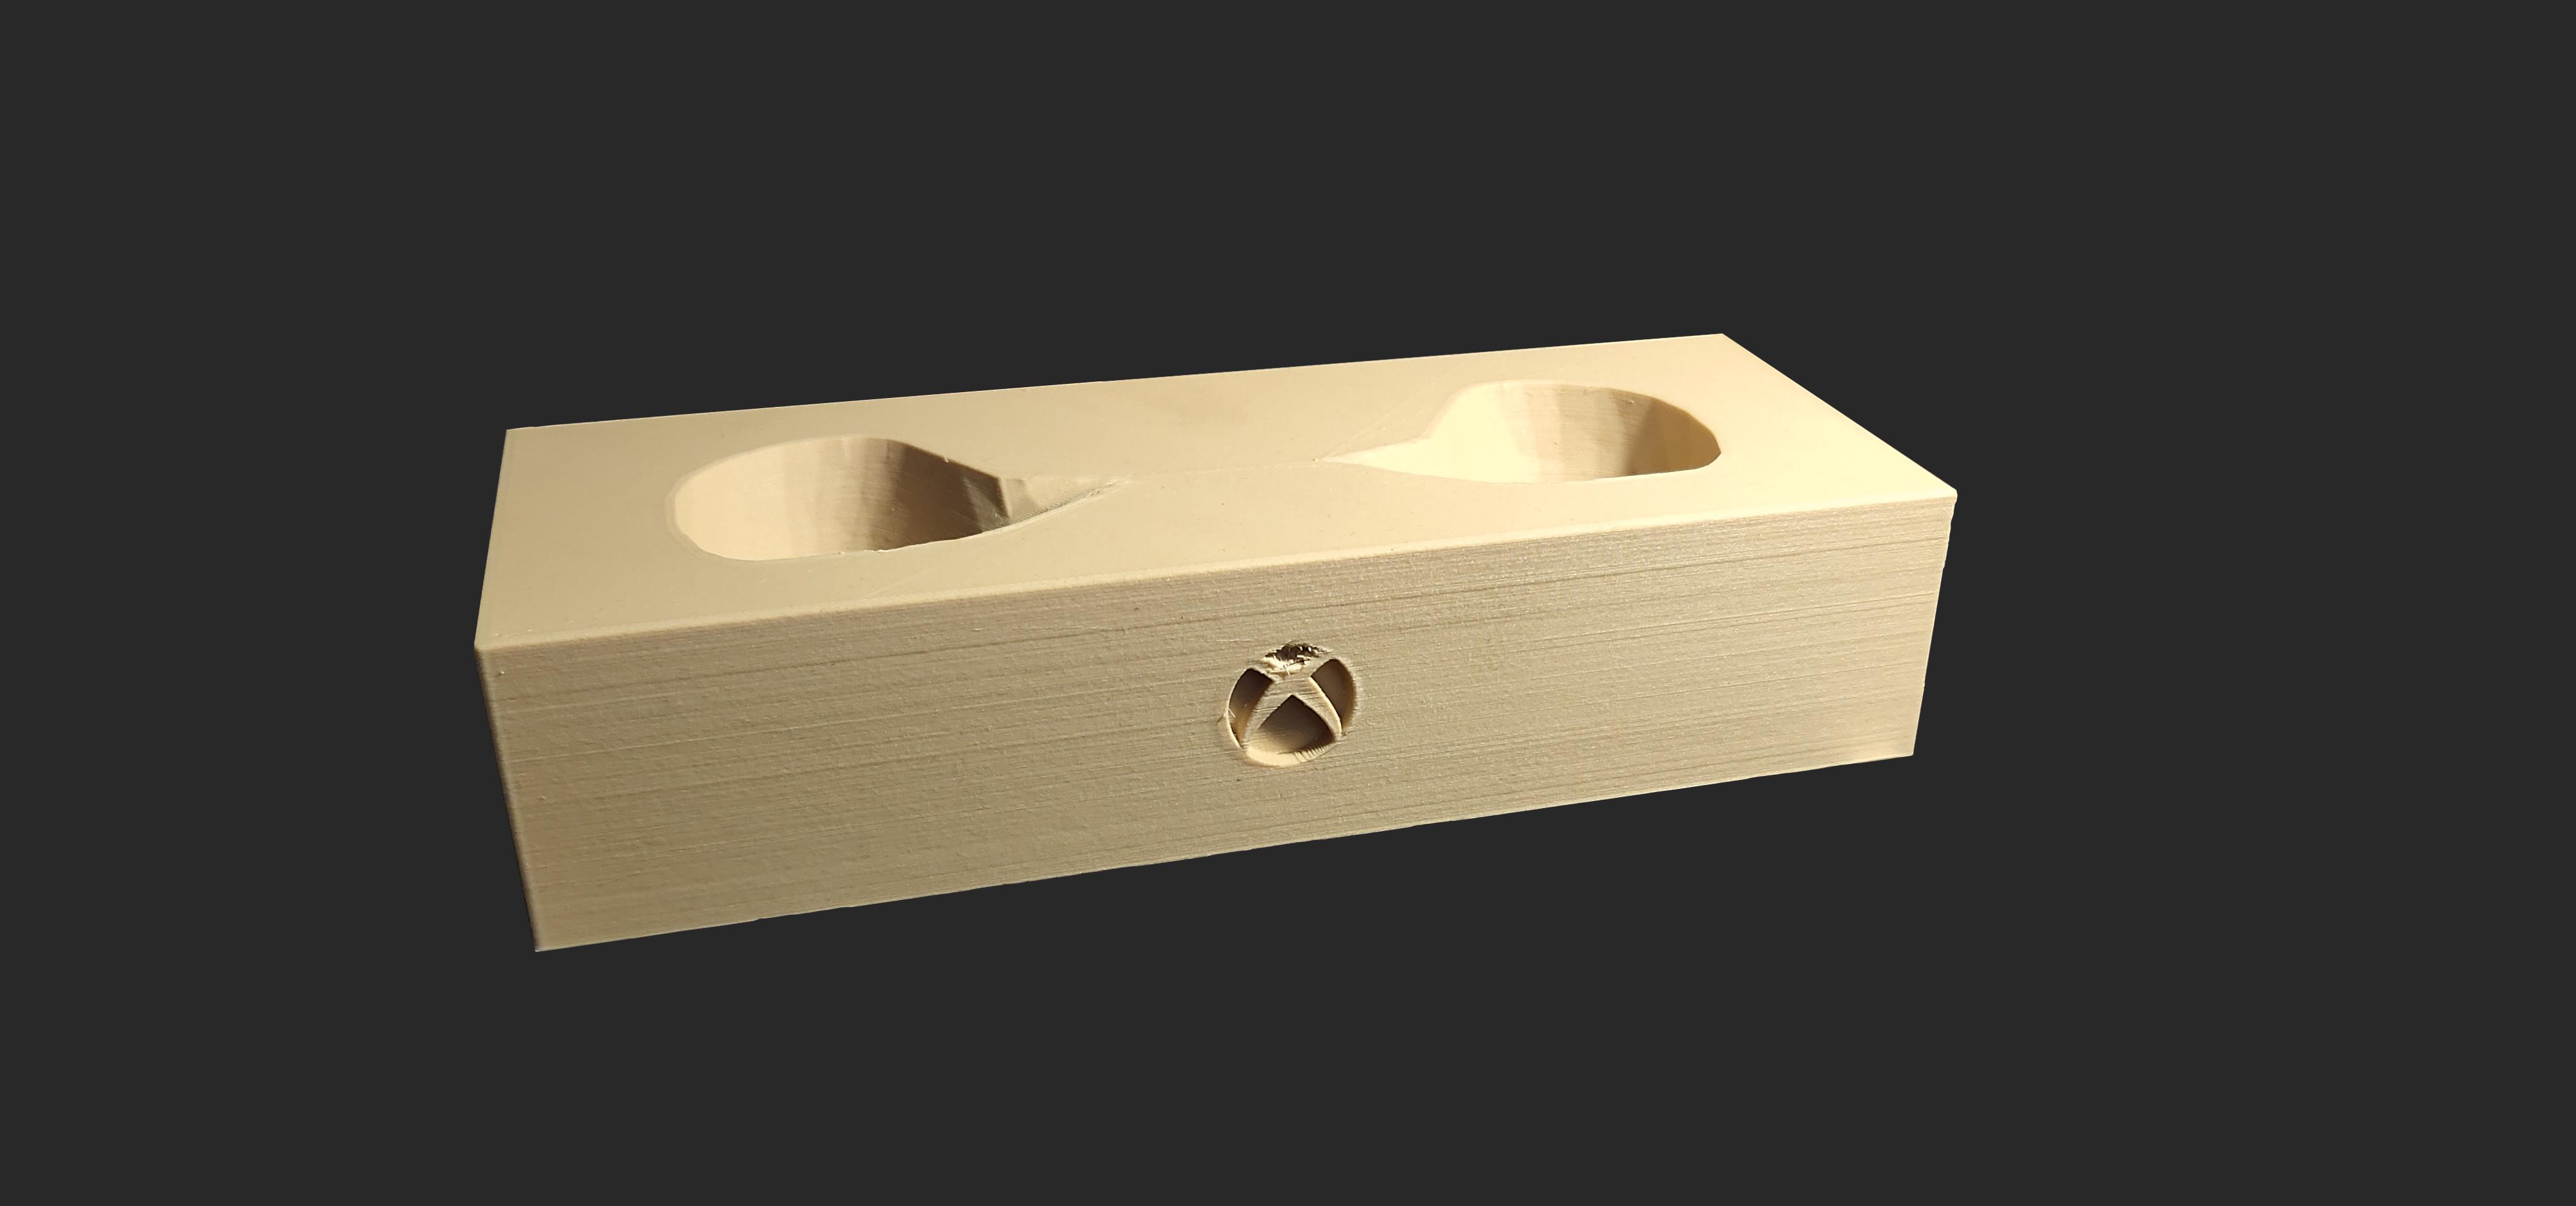 3.png Télécharger fichier STL gratuit Support manette xbox 360 • Design pour imprimante 3D, mrstaf